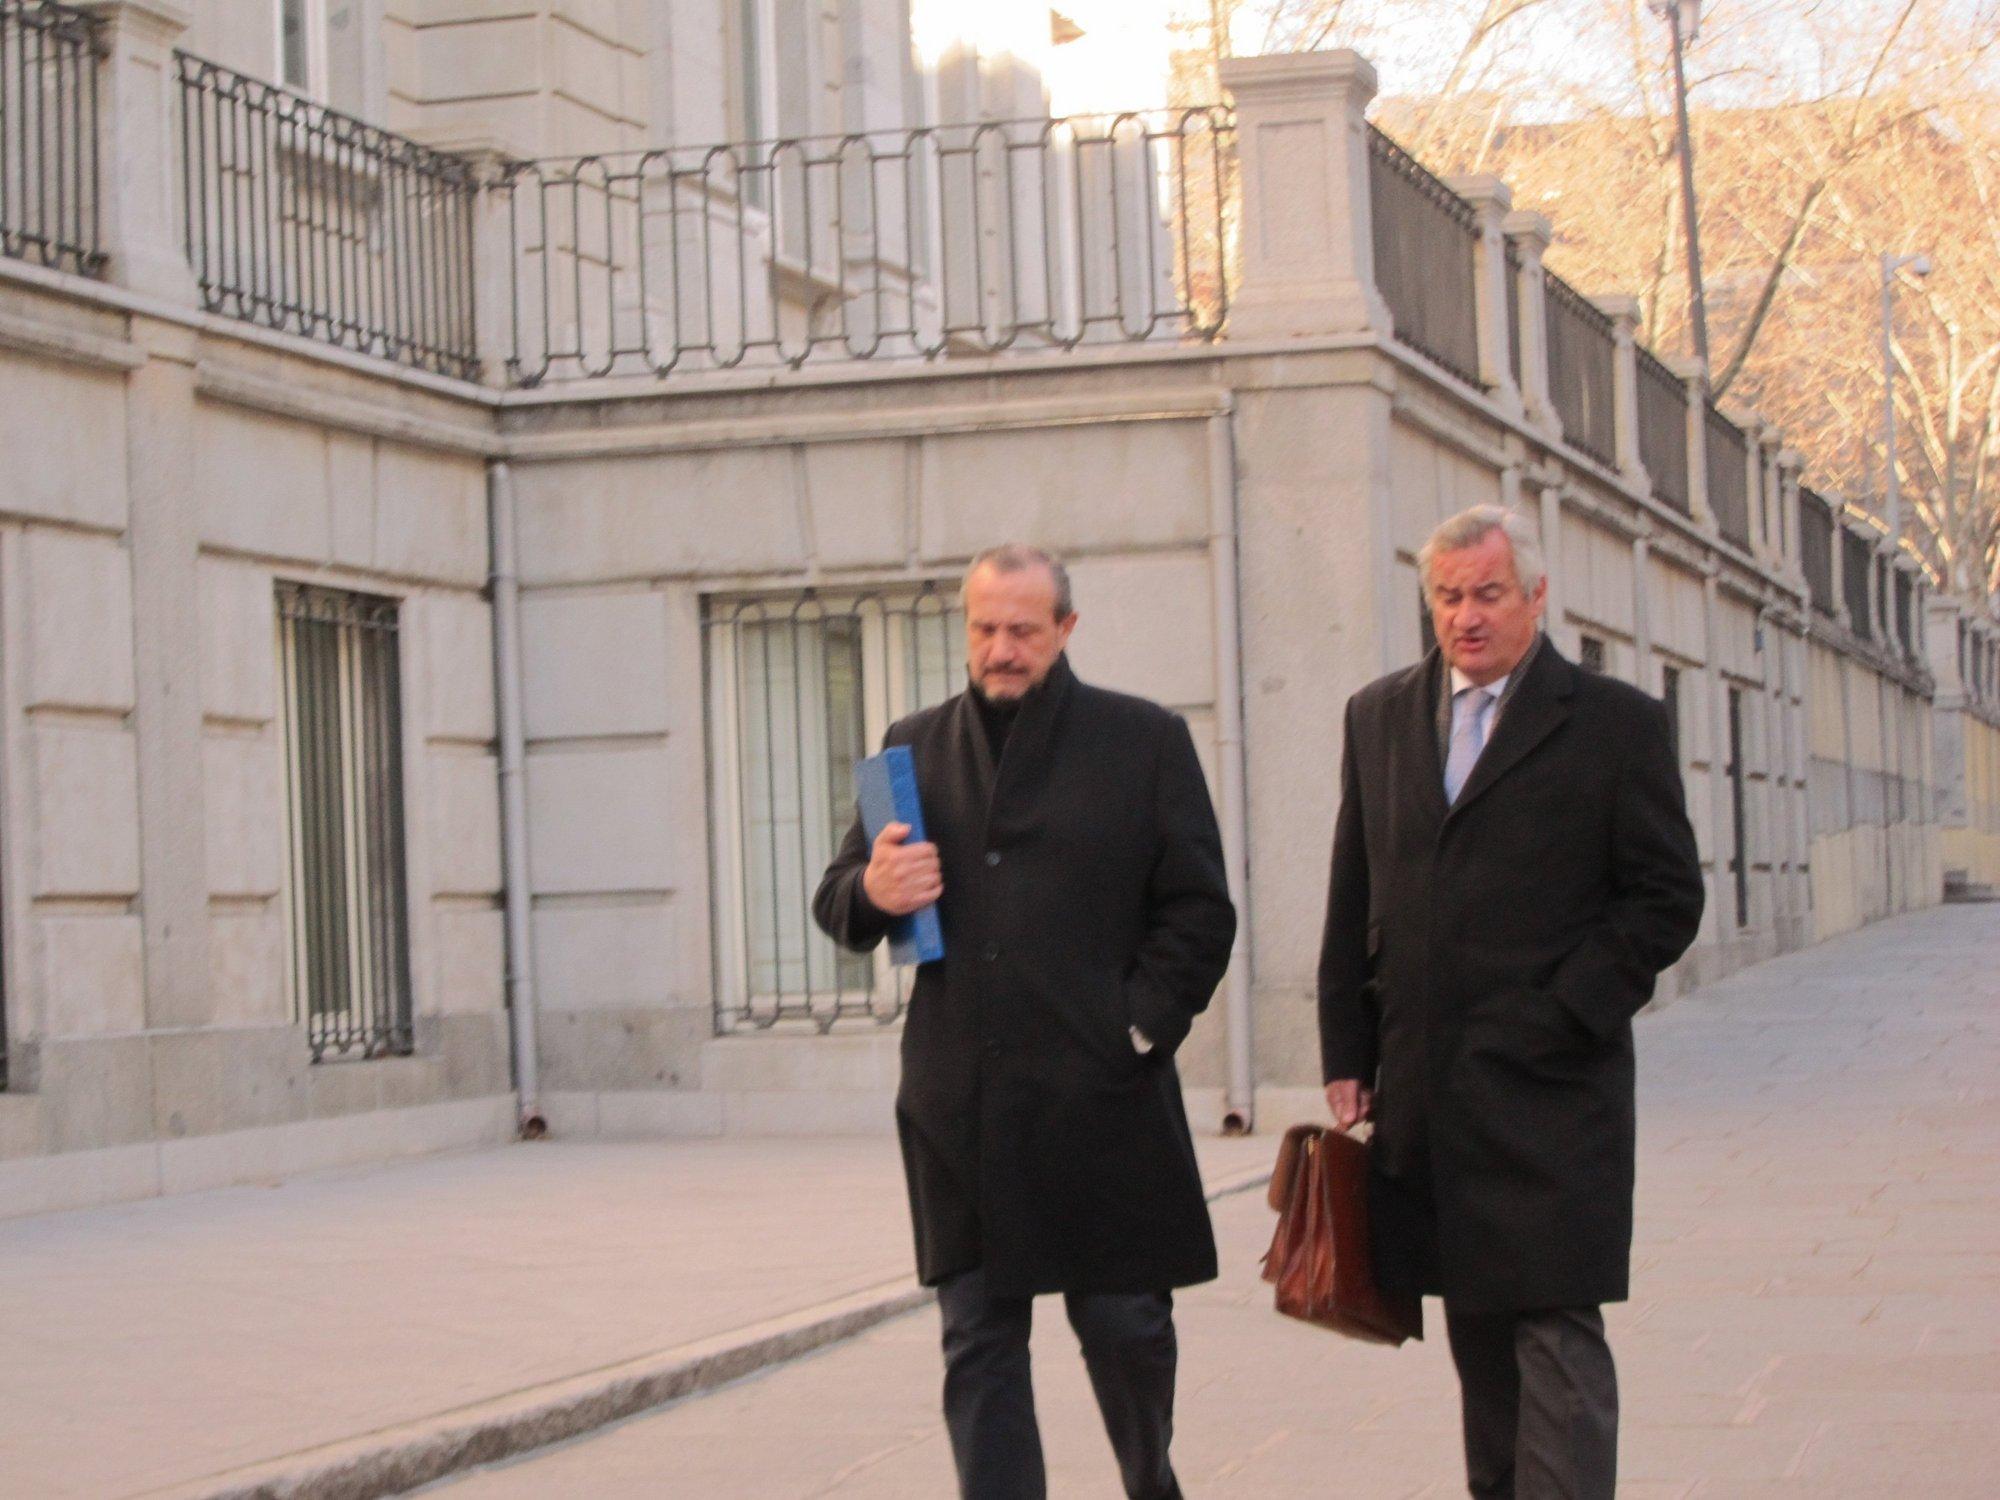 Dorribo se ratifica ante el TS en sus acusaciones contra el exministro, según su abogado